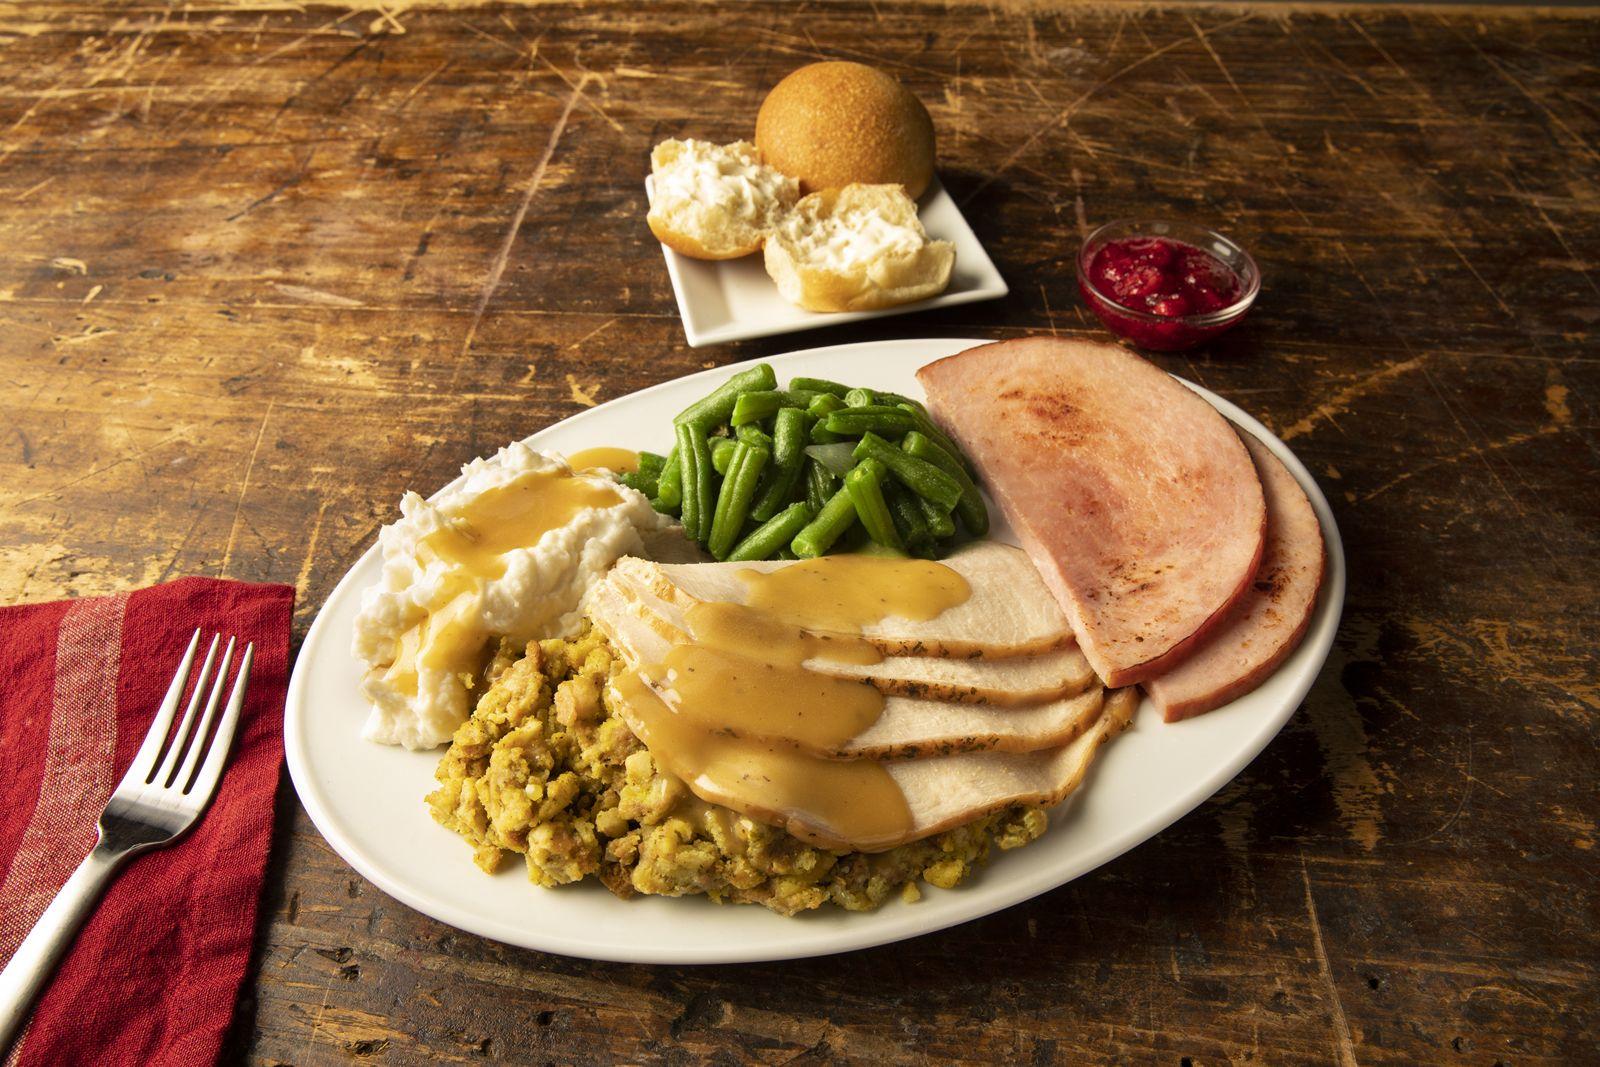 Bob Evans Christmas Dinner 2021 Bob Evans Restaurants Provides Farm Fresh Variety For 2021 Easter Celebrations Restaurantnewsrelease Com